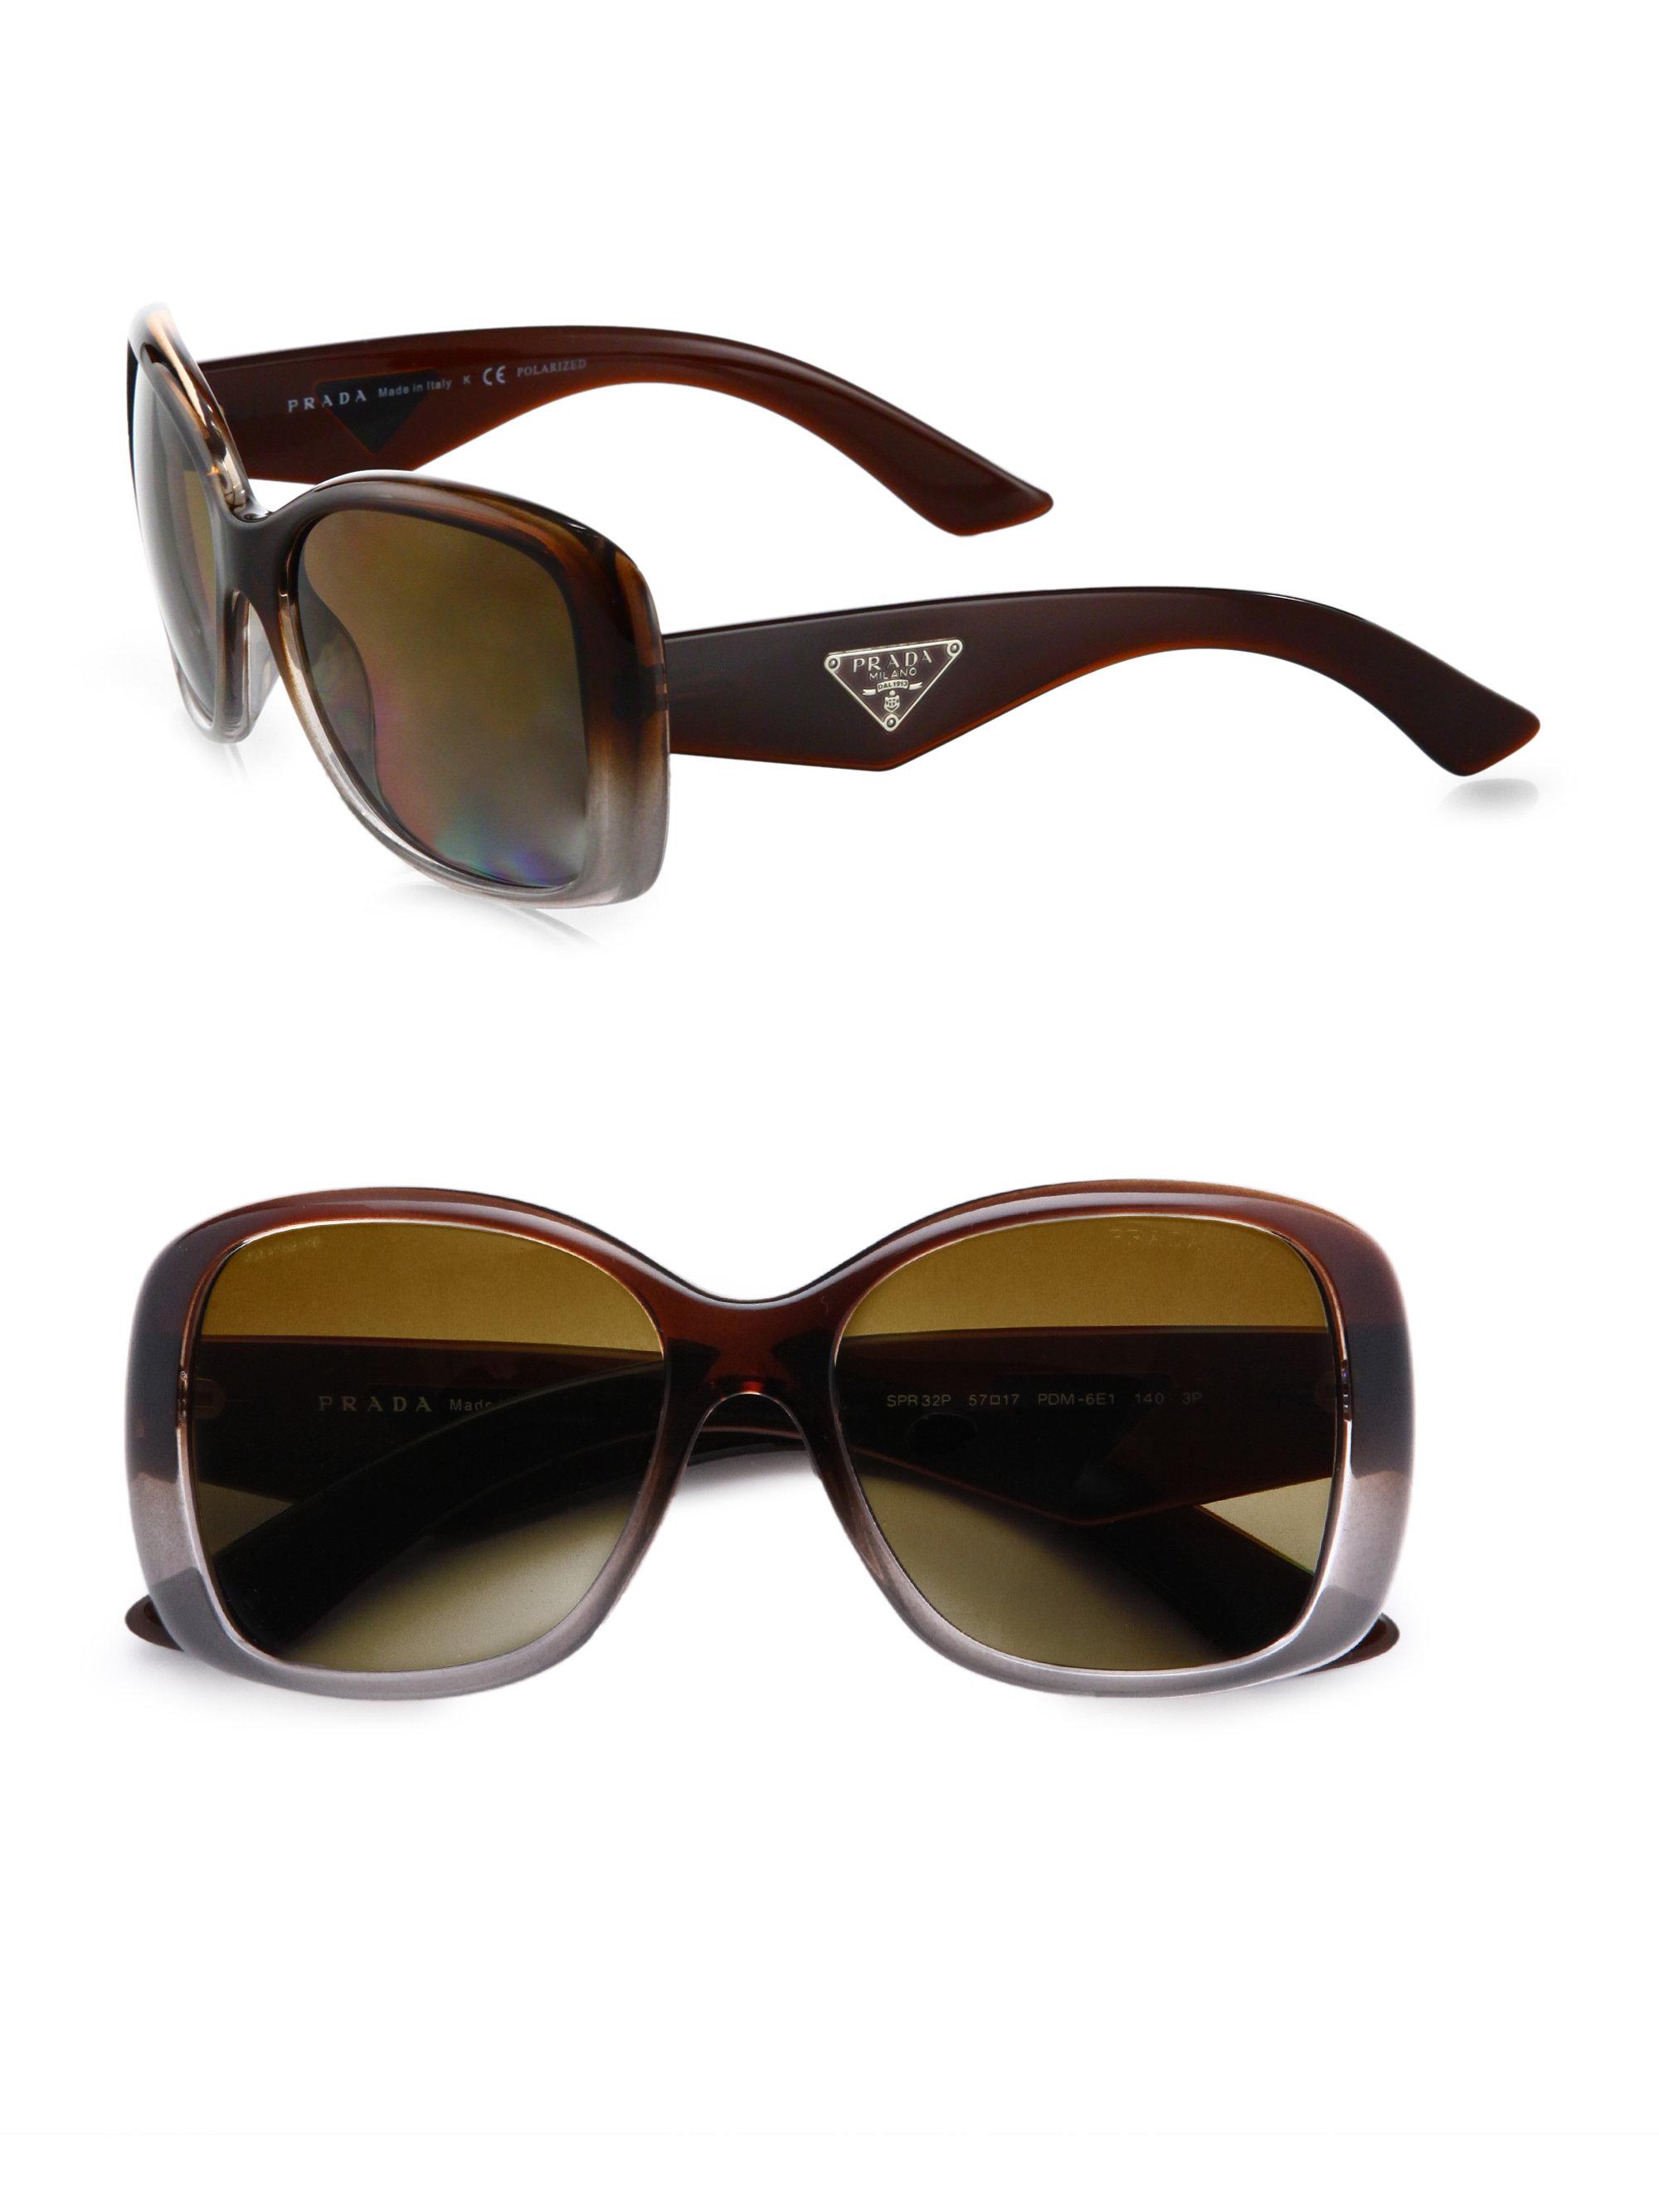 e517b9673c86 ... best price lyst prada oversized gradient square sunglasses in purple  9efad fedc3